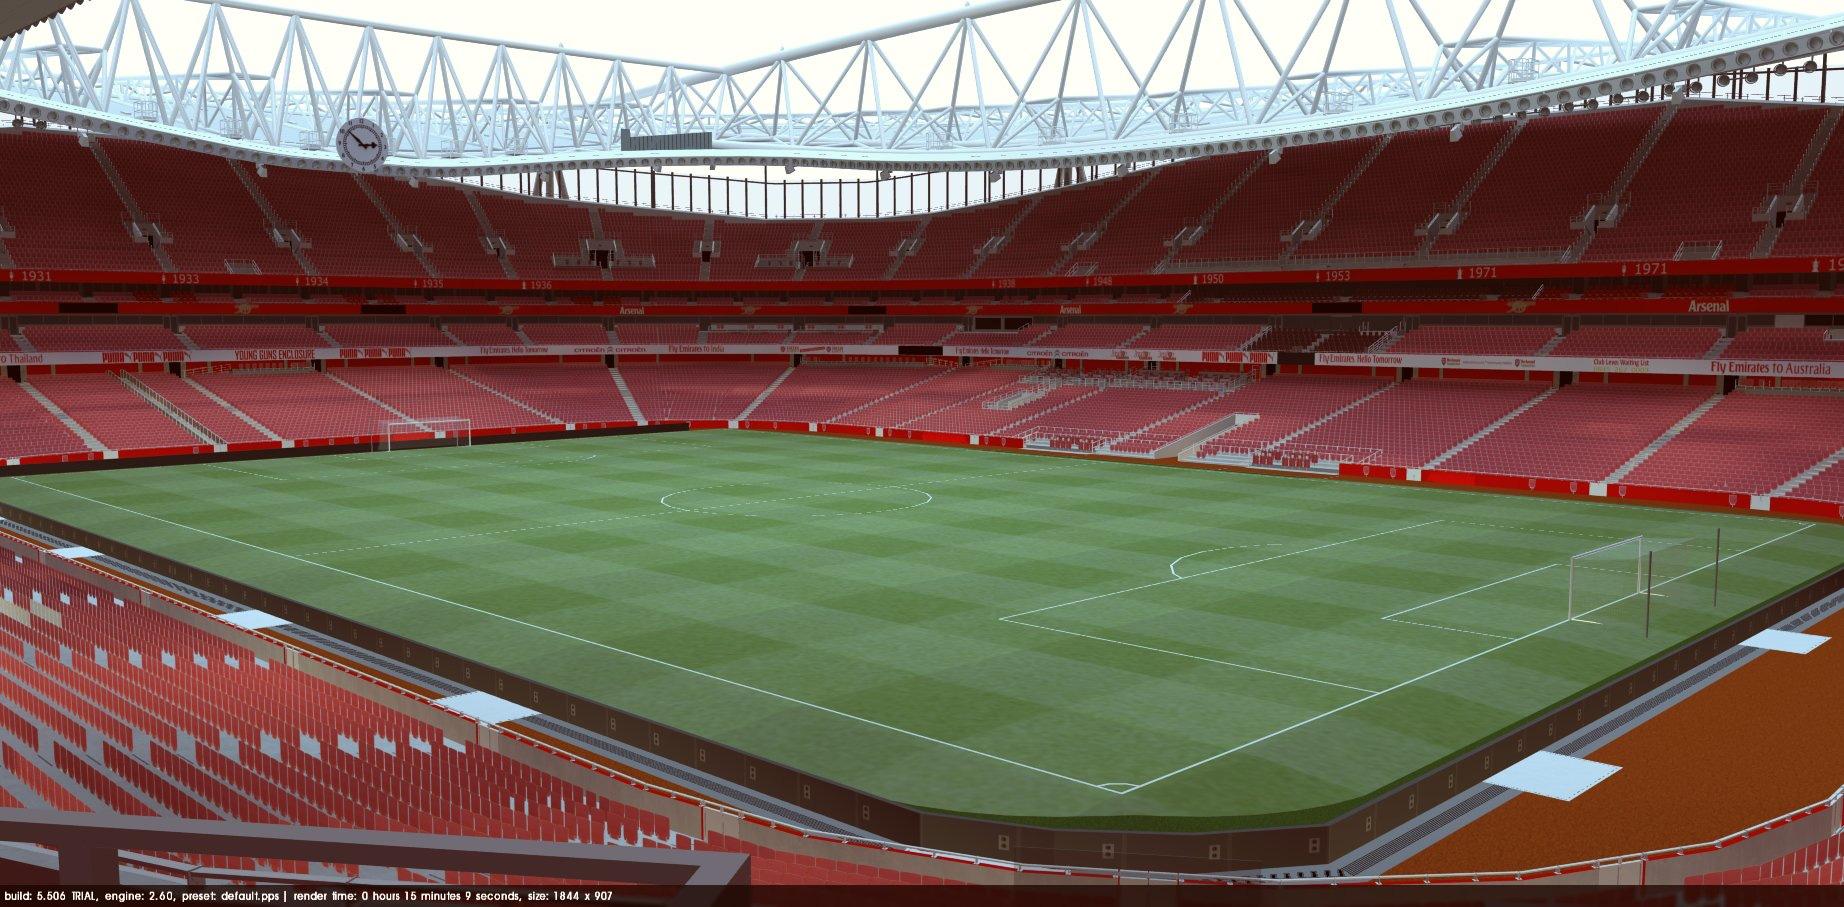 Nhiều câu lạc bộ bóng đá nguy cơ mất 25 triệu bảng Anh vì dịch COVID-19 - Ảnh 1.